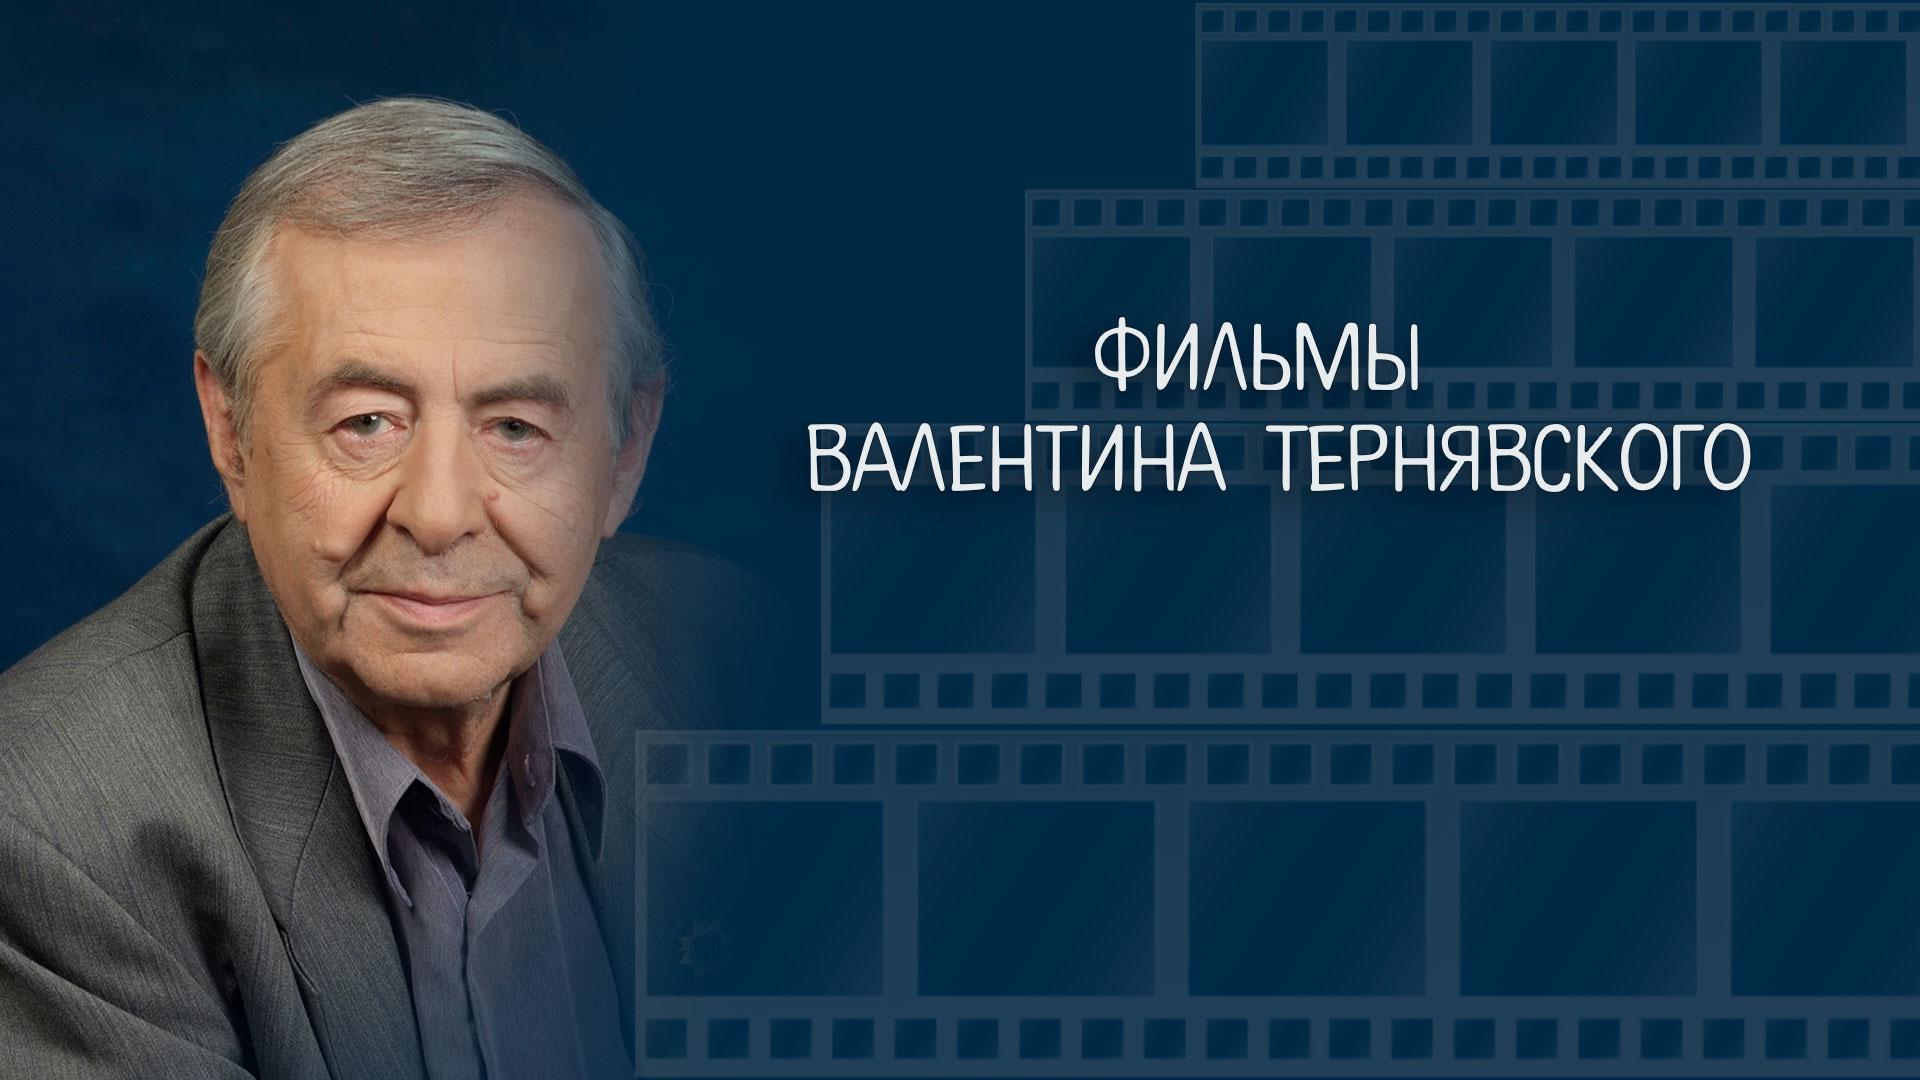 Фильмы Валентина Тернявского